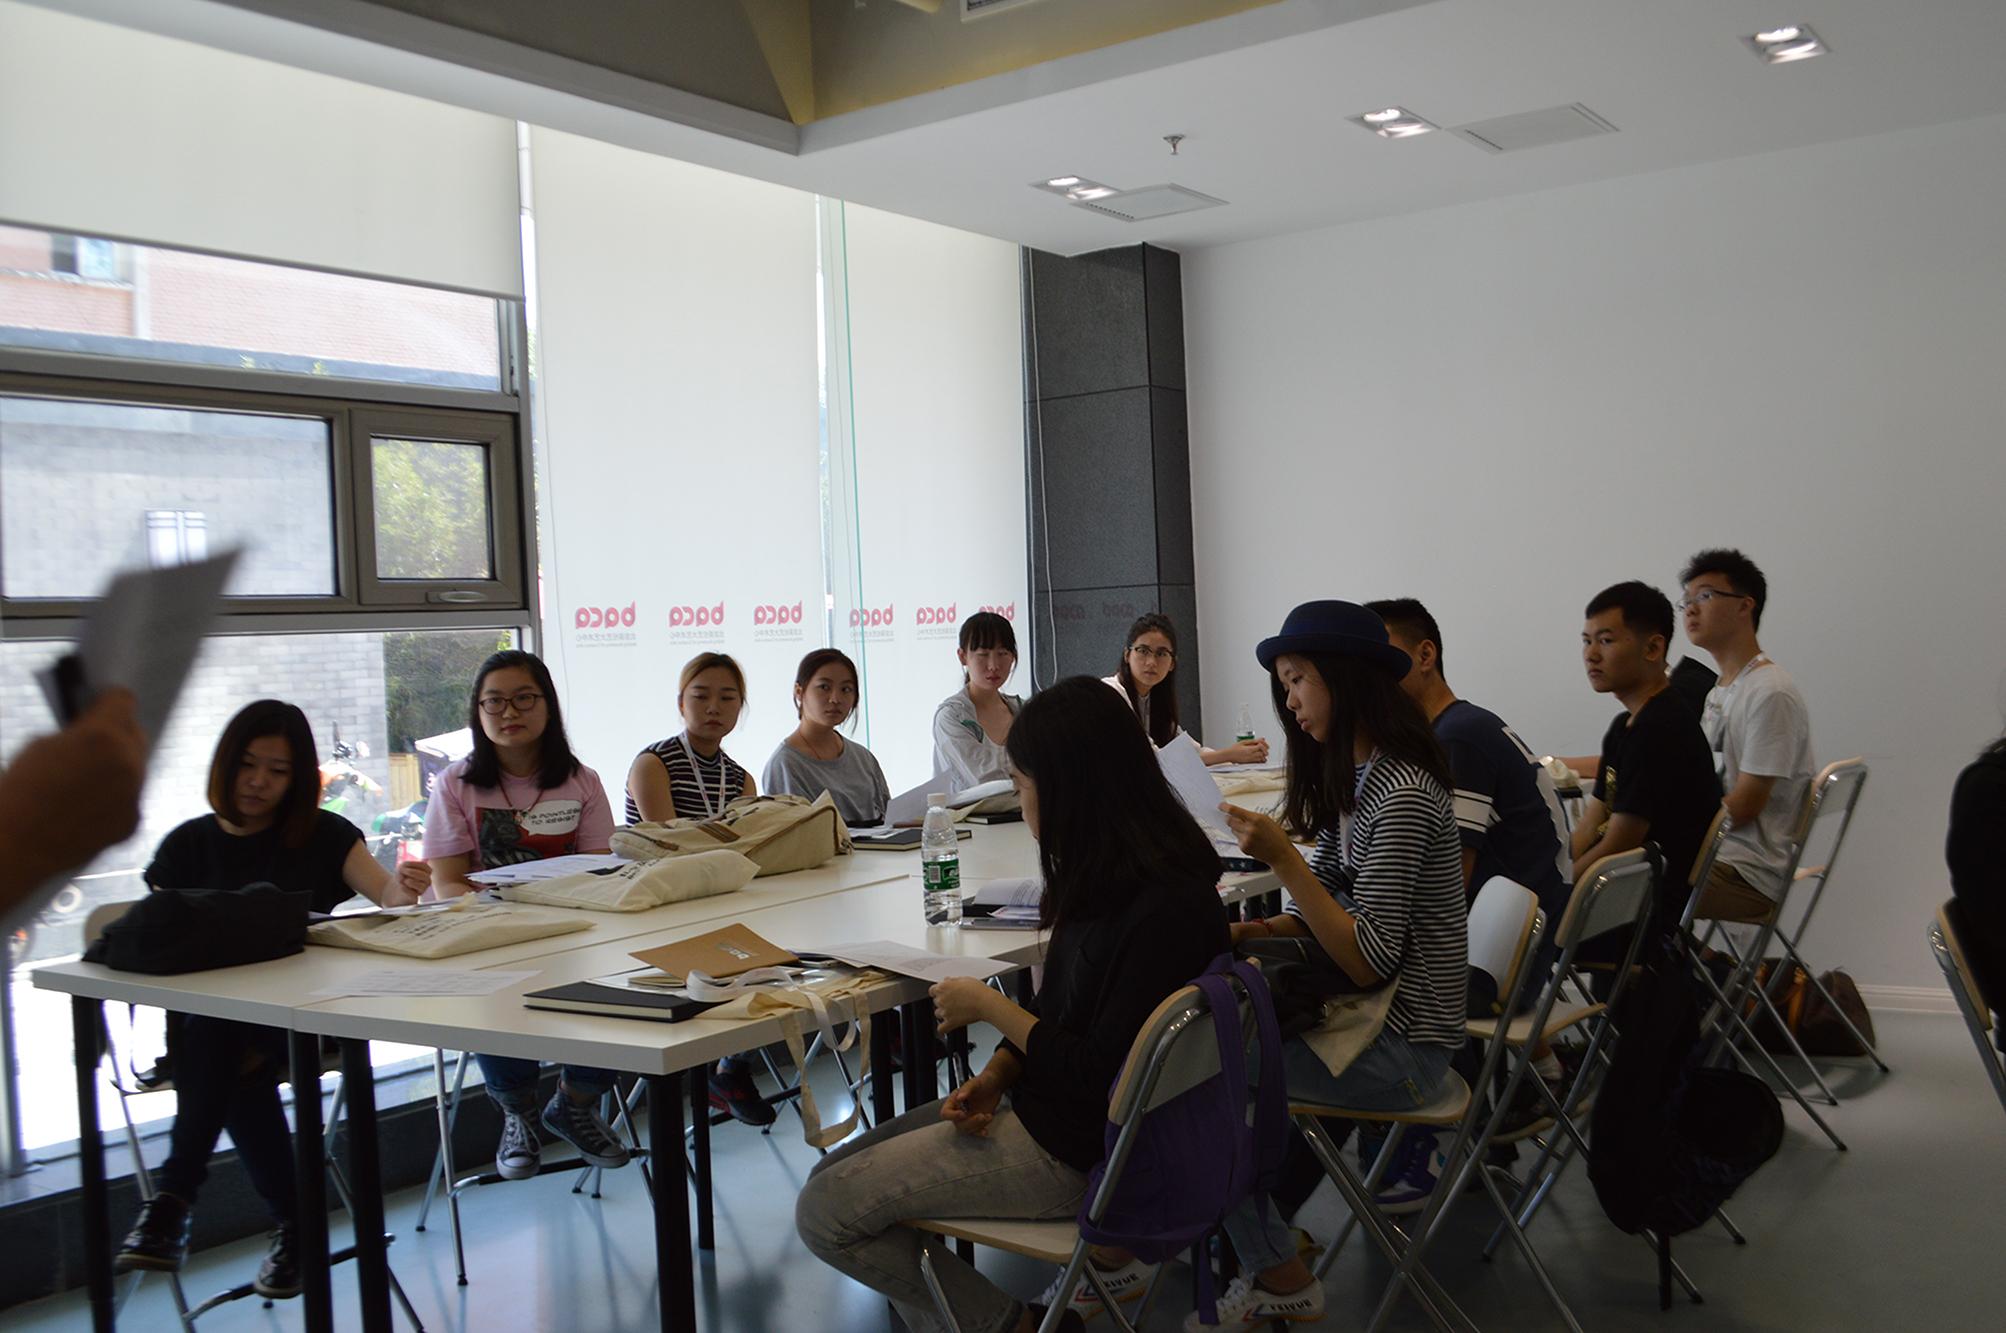 2017入学伦敦艺术大学—北京10月23日申请及作品集辅导公开课